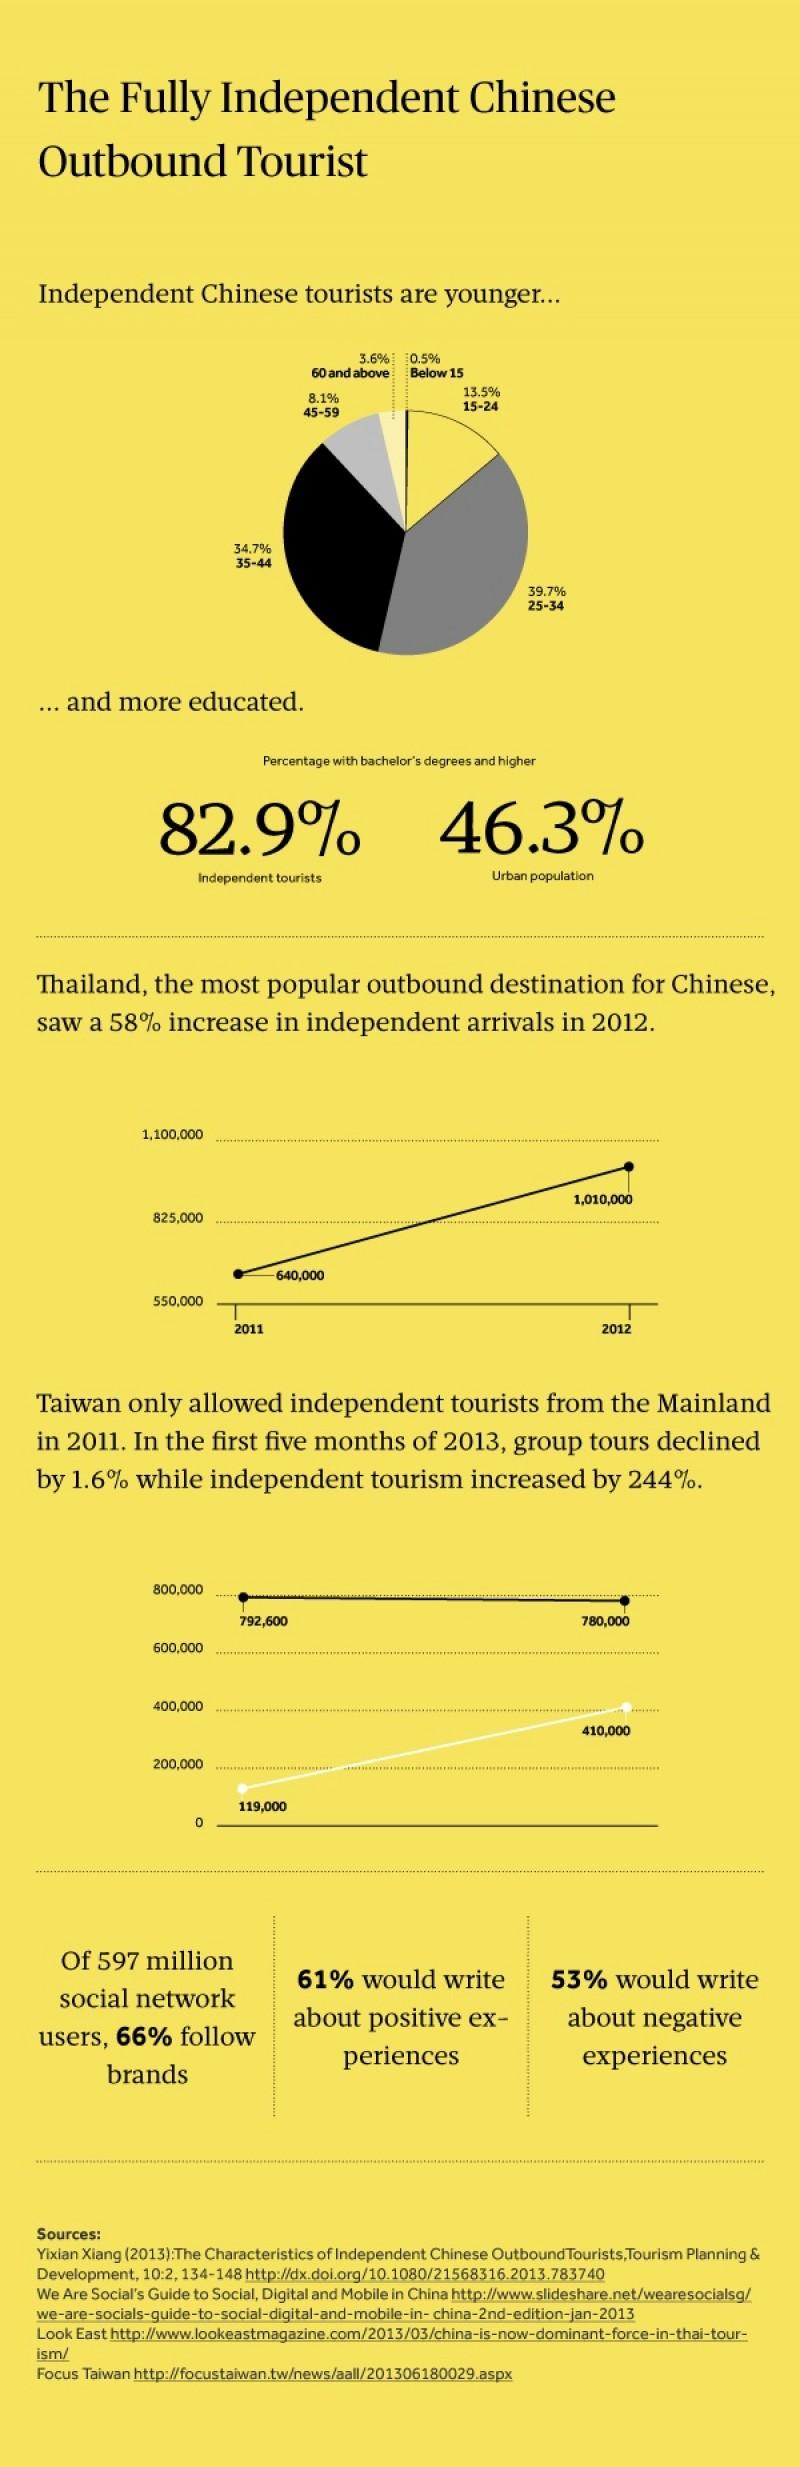 El nuevo turista independiente chino